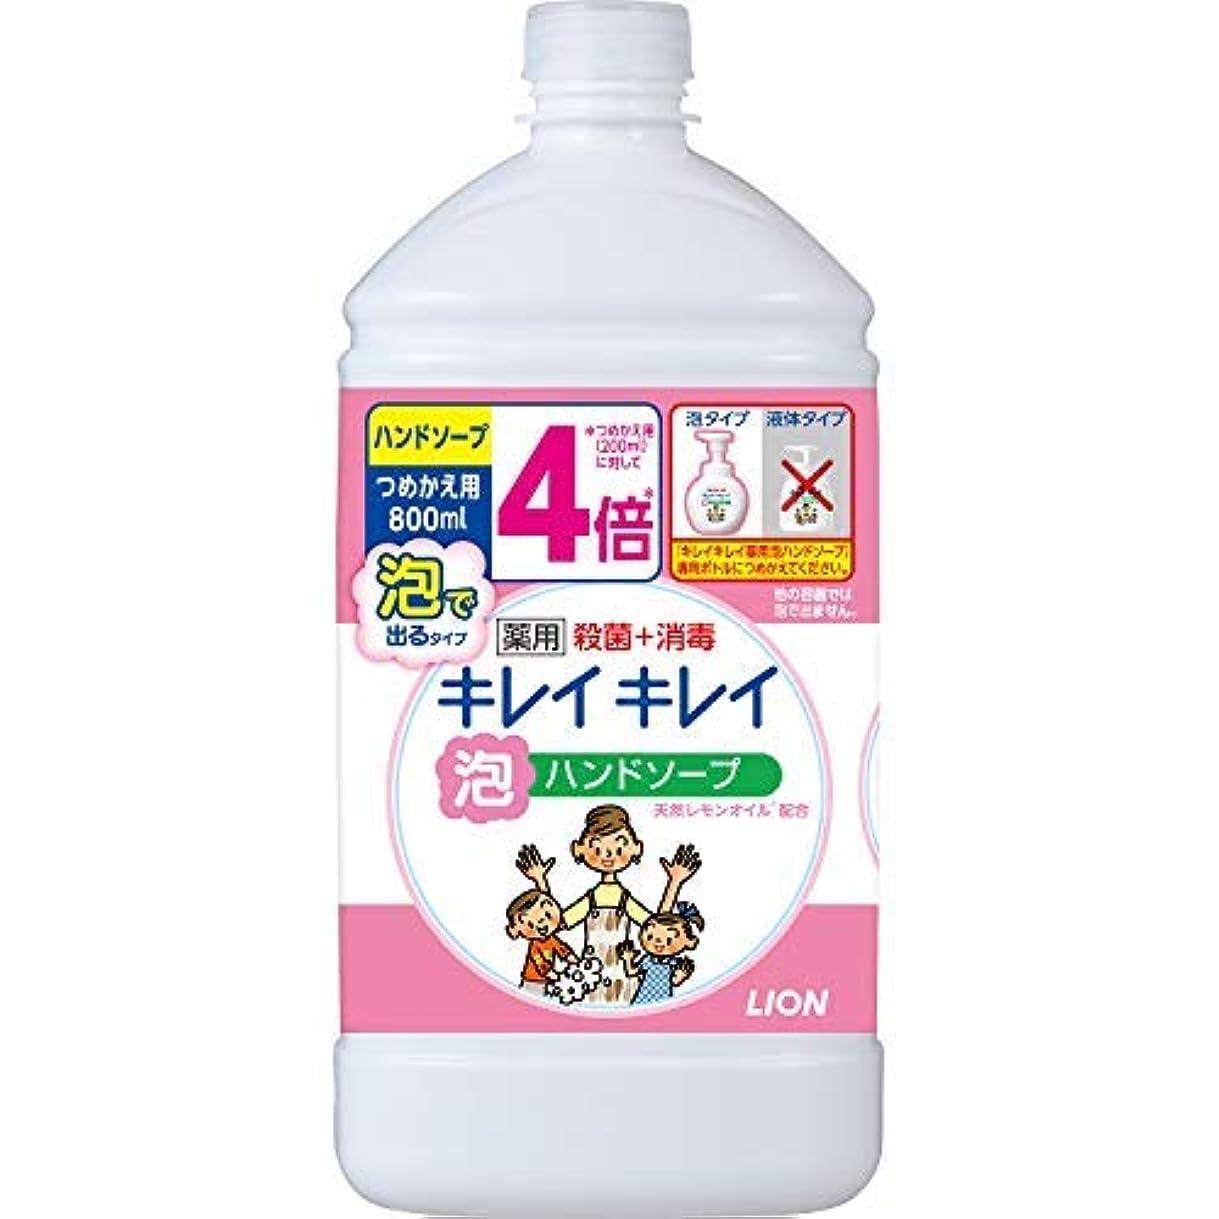 再生可能正当なより良いキレイキレイ 薬用泡ハンドソープ つめかえ用特大サイズ シトラスフルーティ × 2個セット